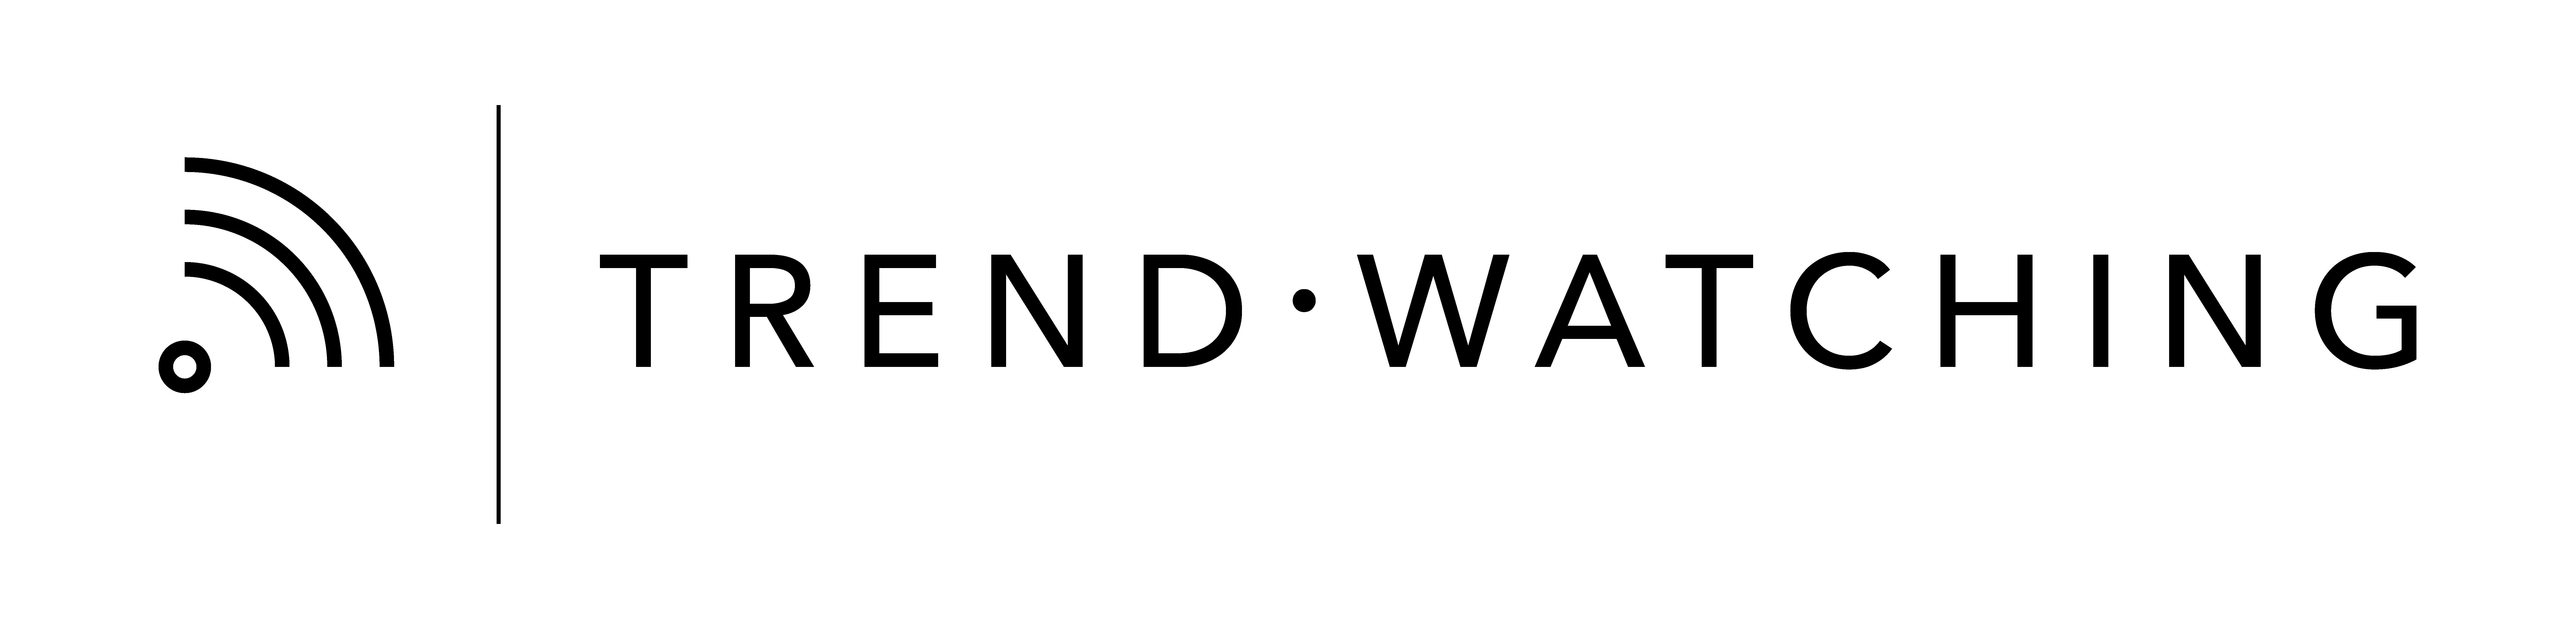 Main trendwatching logo